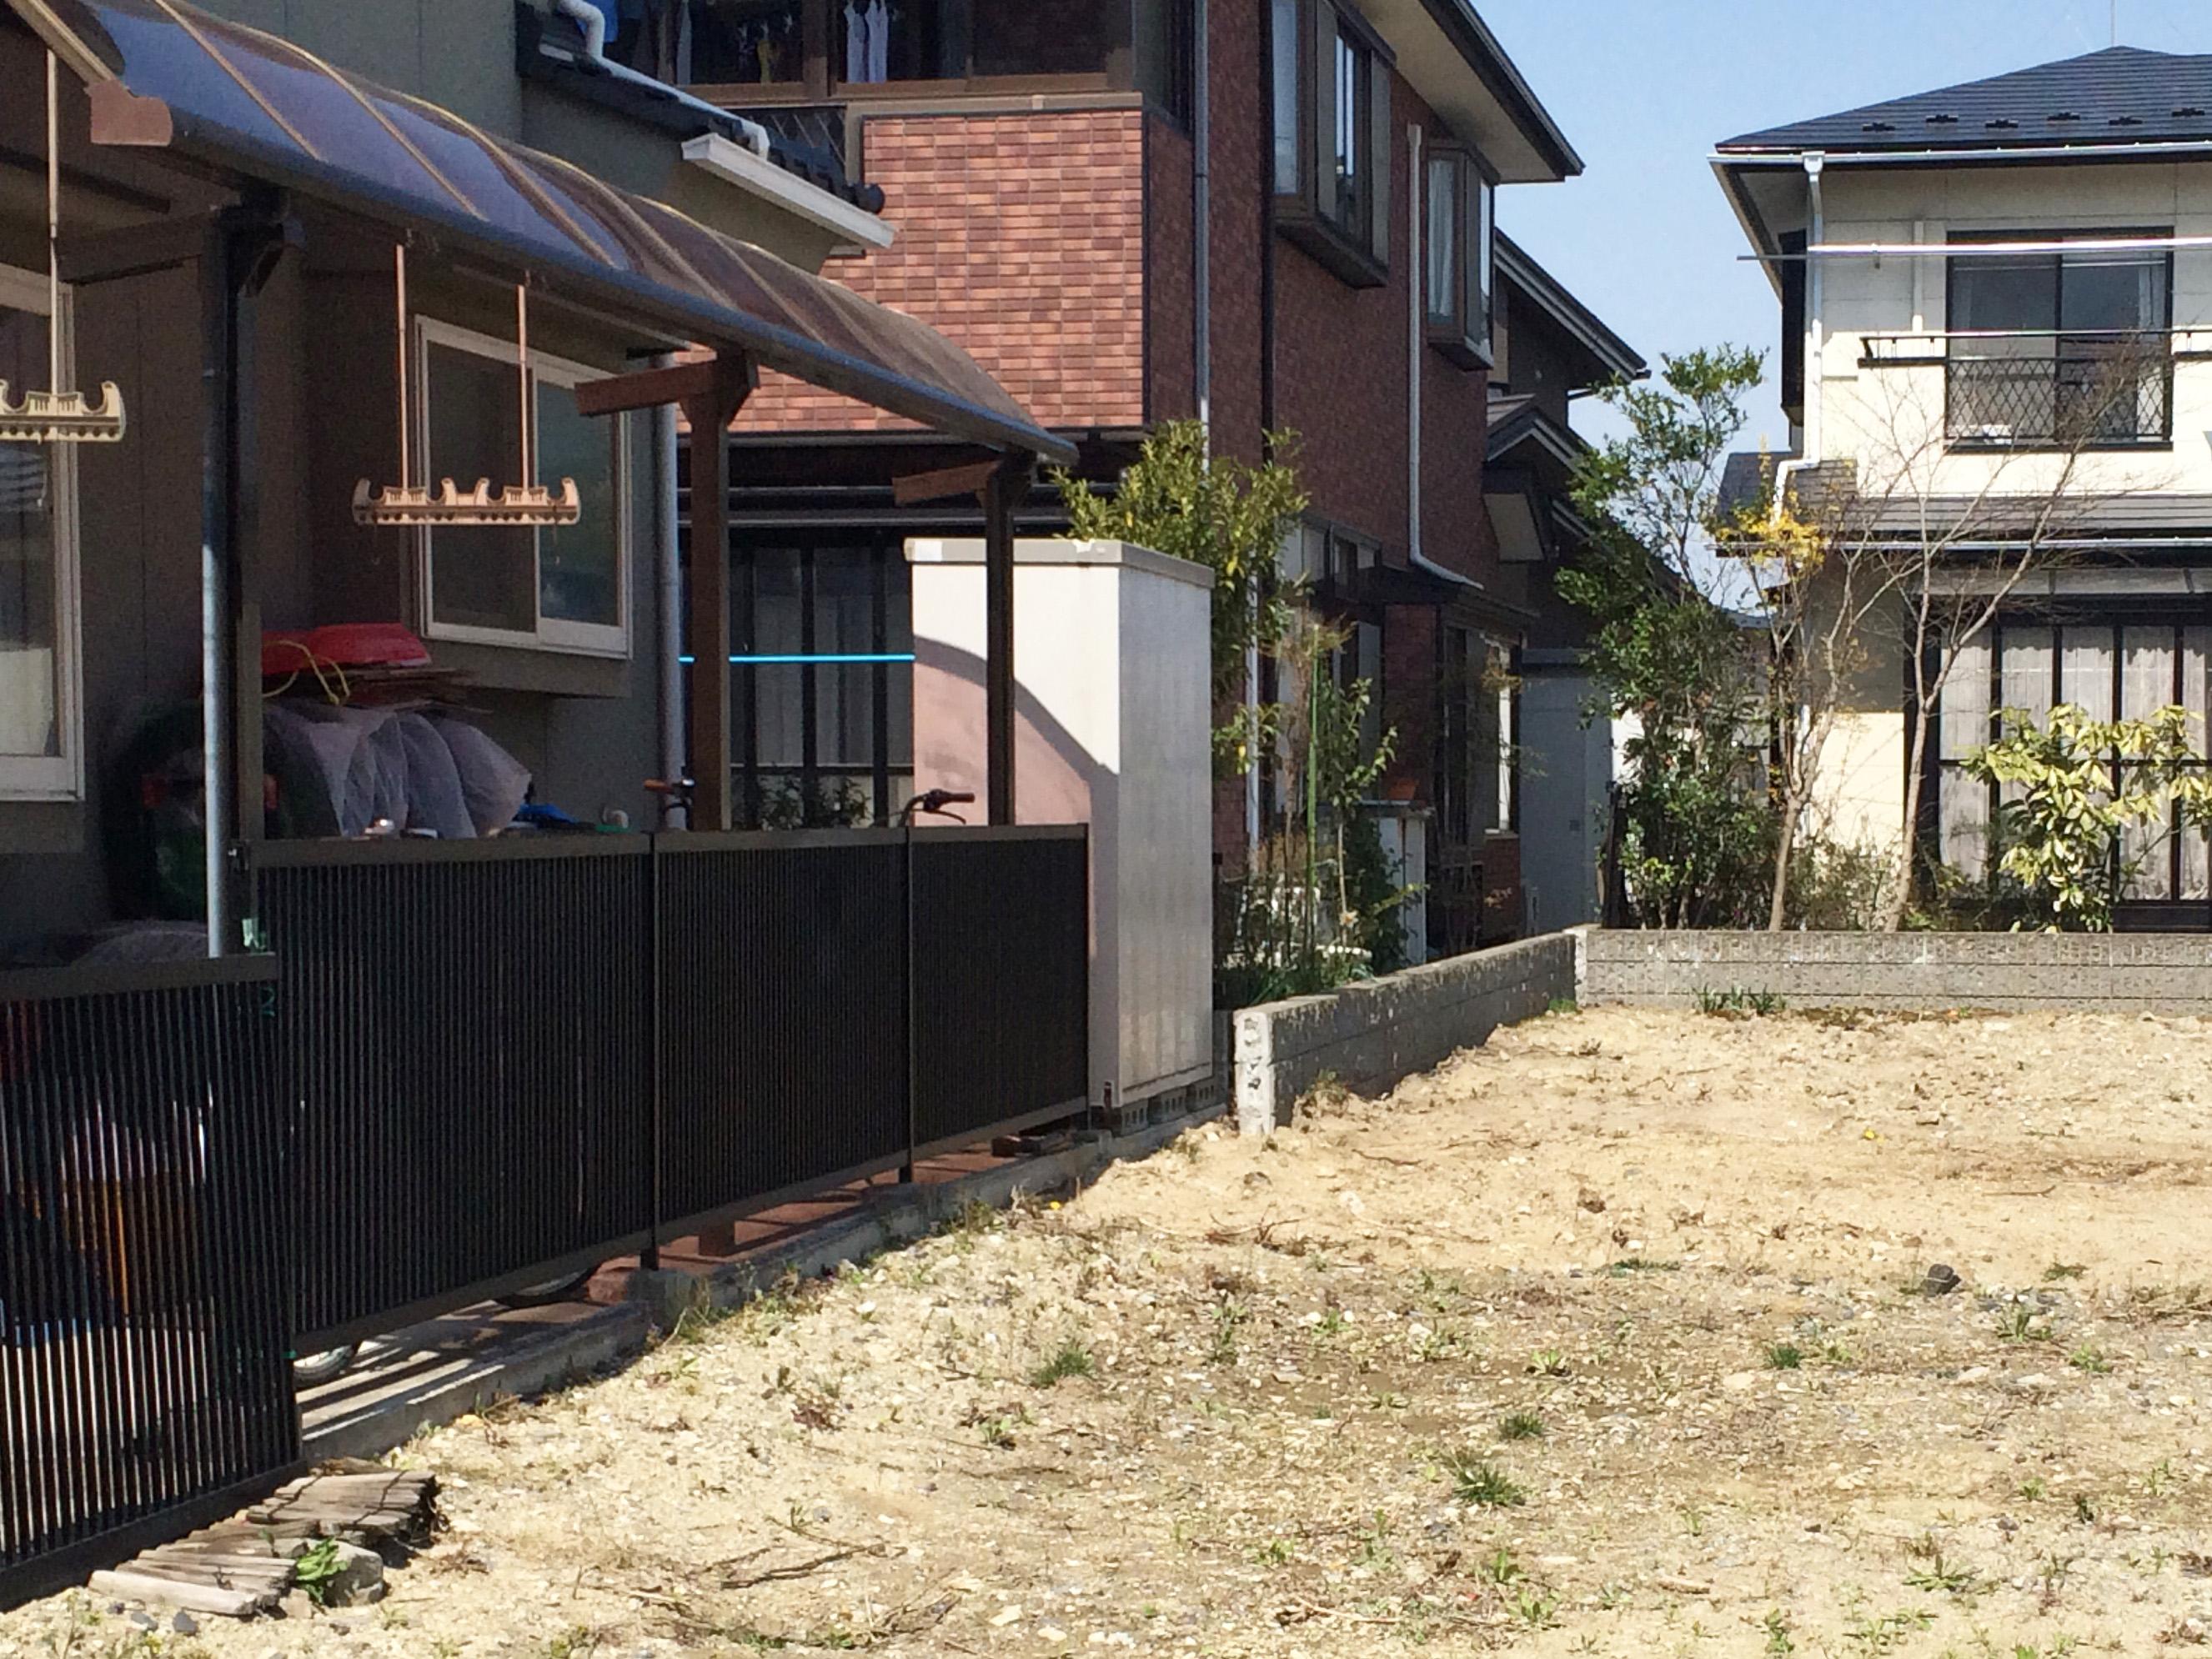 多賀城市S邸 エクステリアリフォーム 154万円/工期10日間 施工前